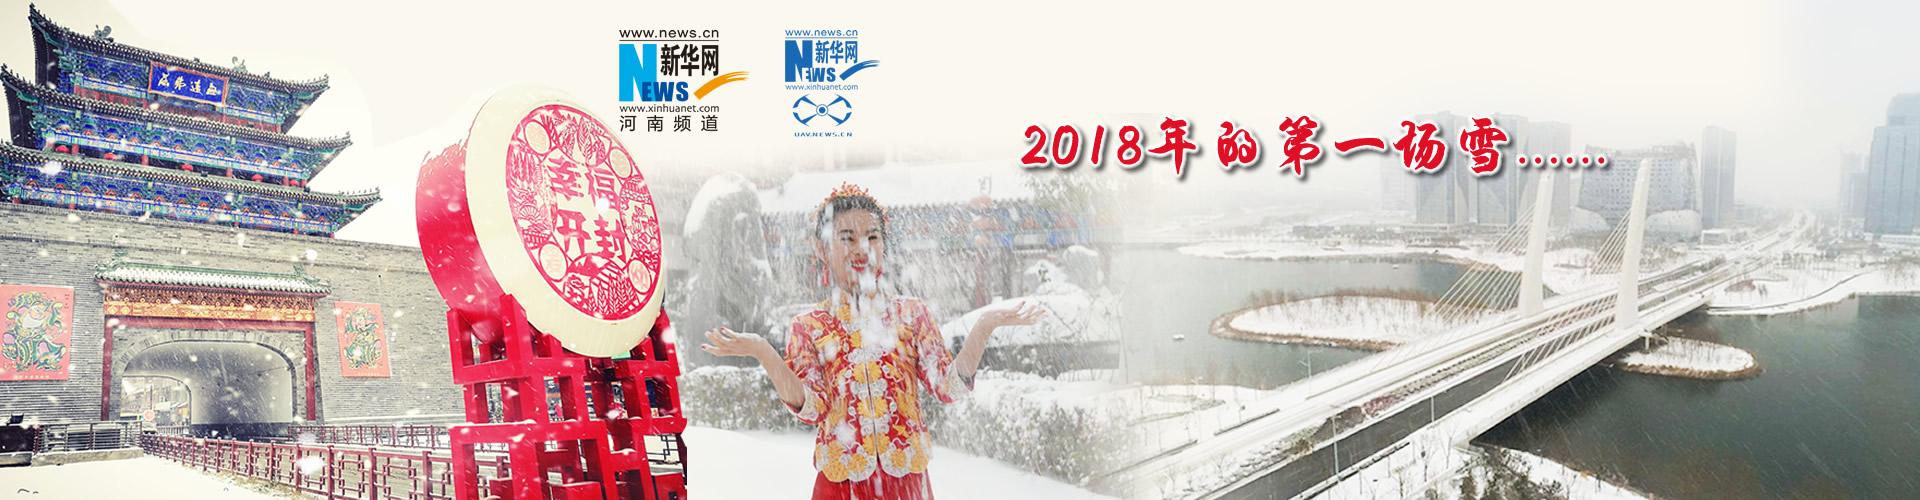 安阳交警信息网_2018年的第一场雪-新华网河南频道